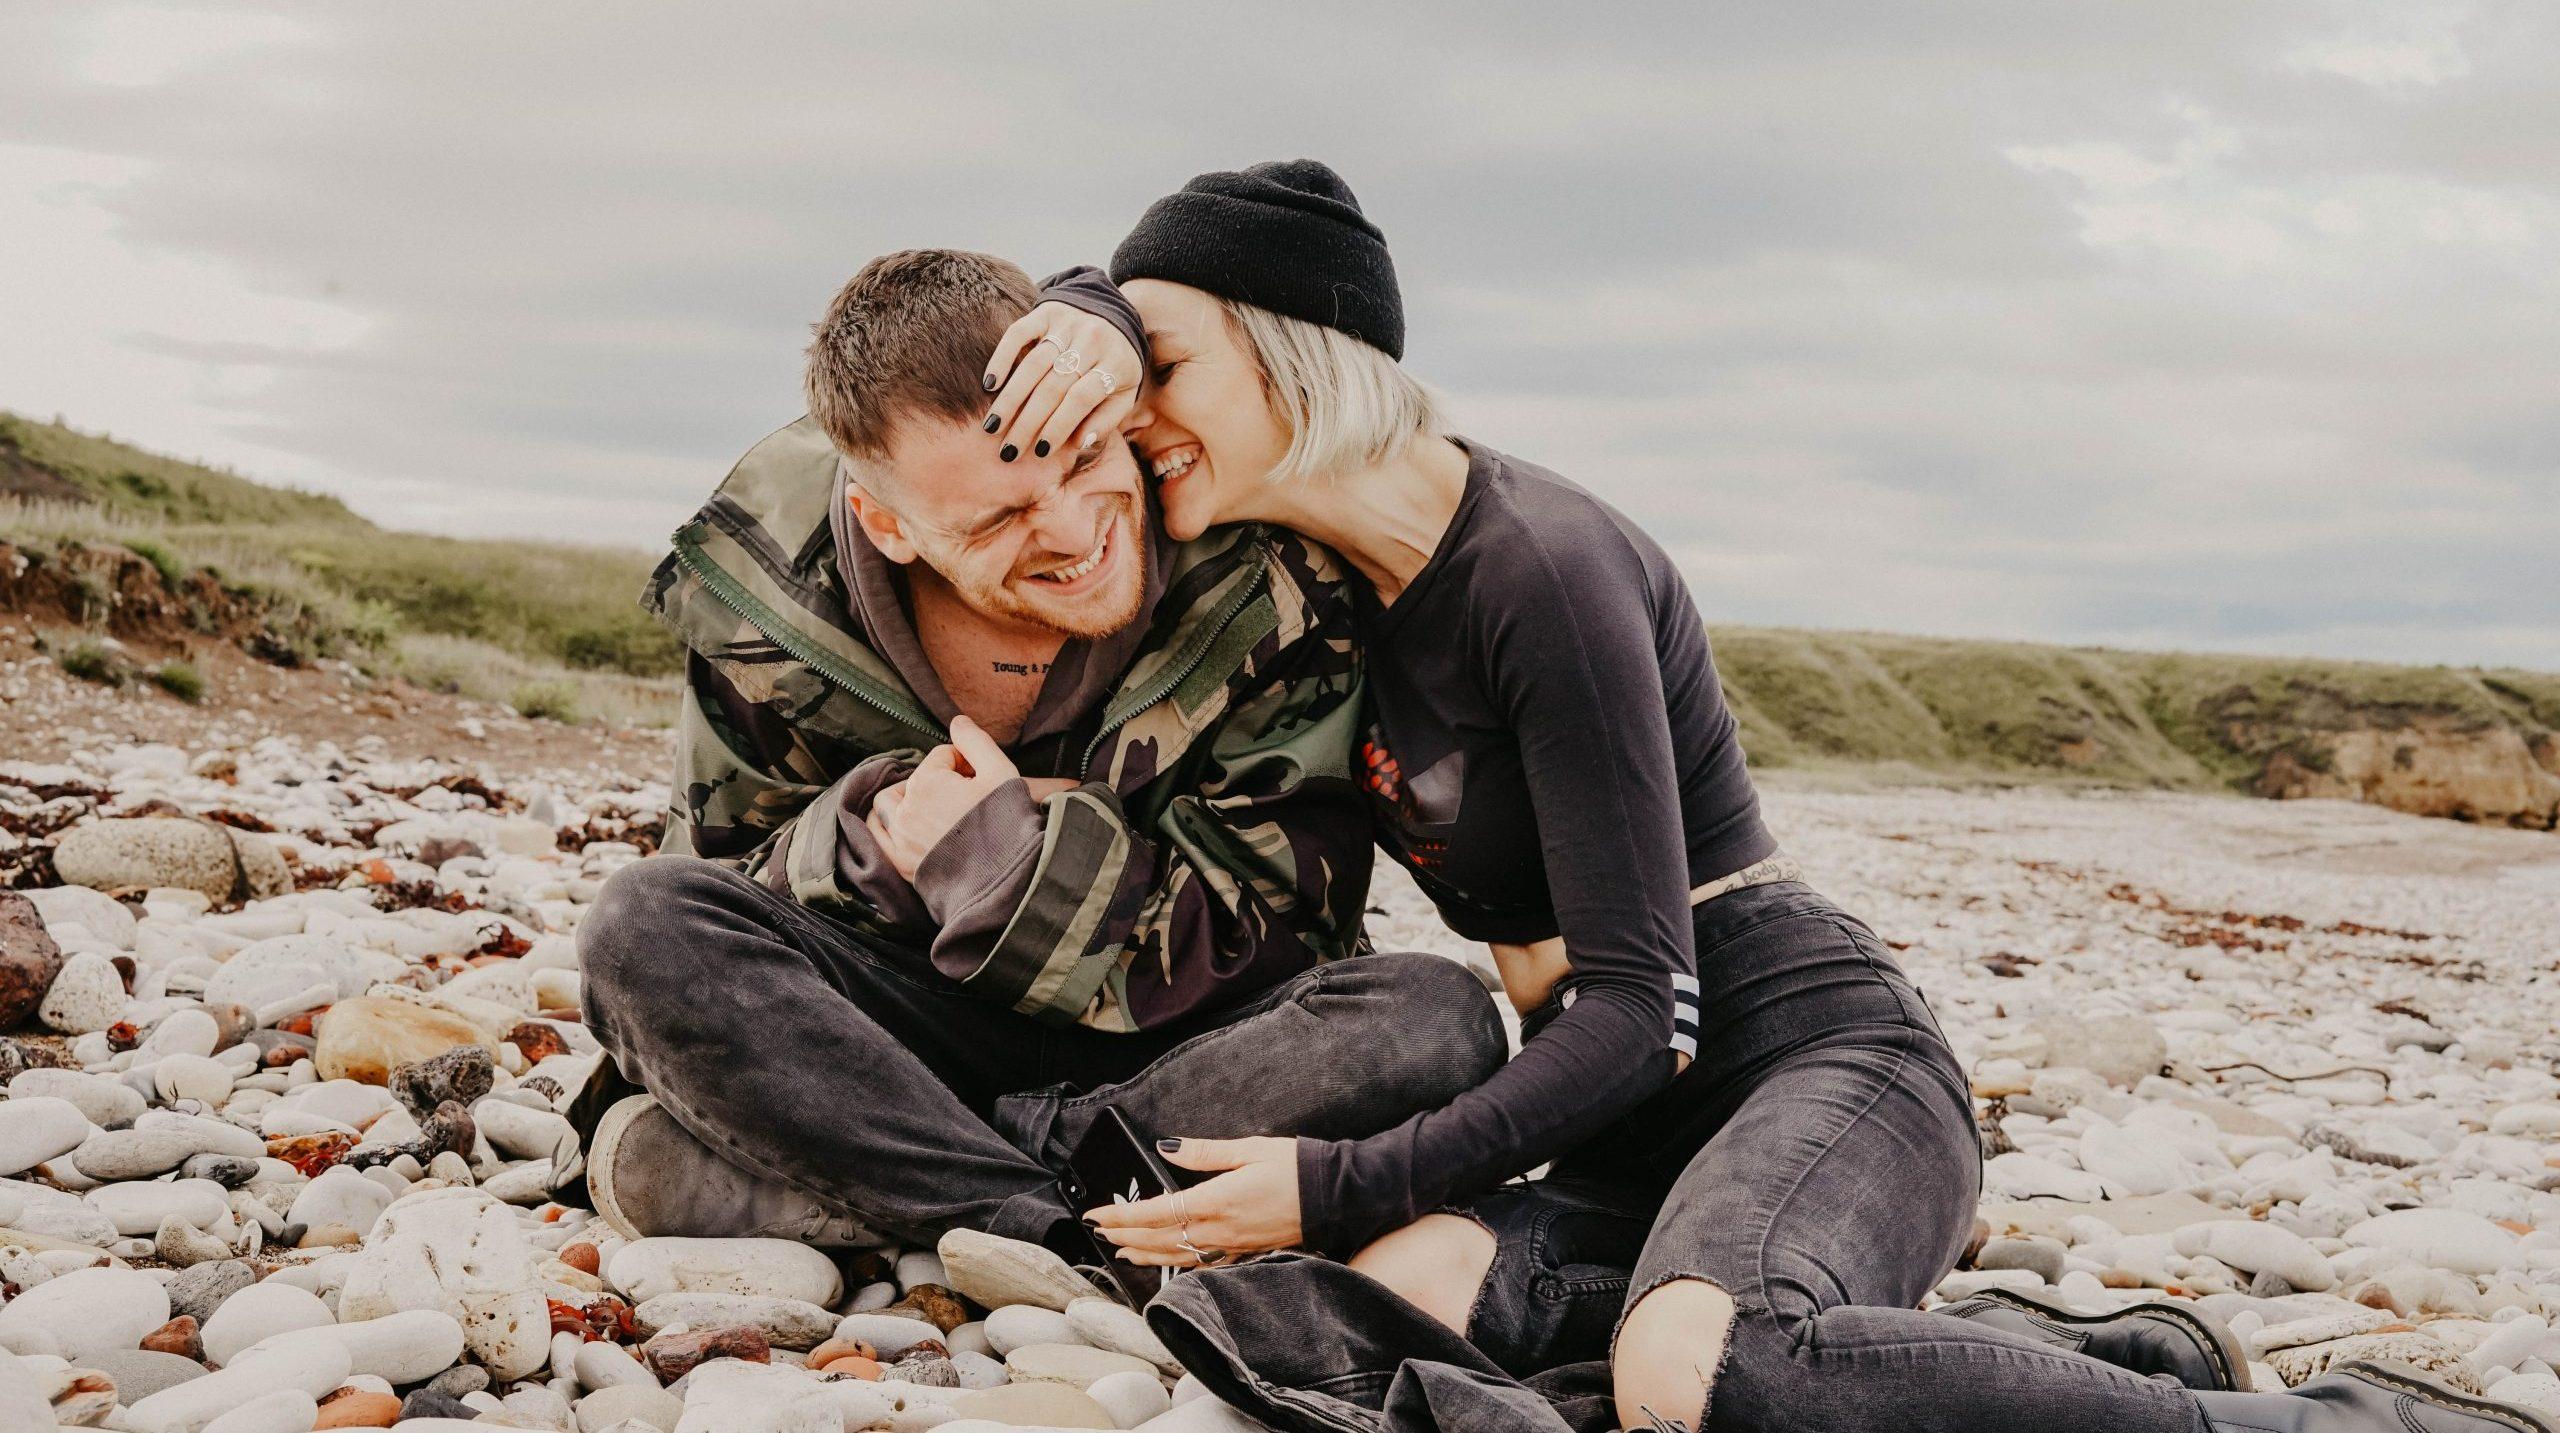 Sosem flörtölsz a pároddal – csoda, ha elhidegültök?!